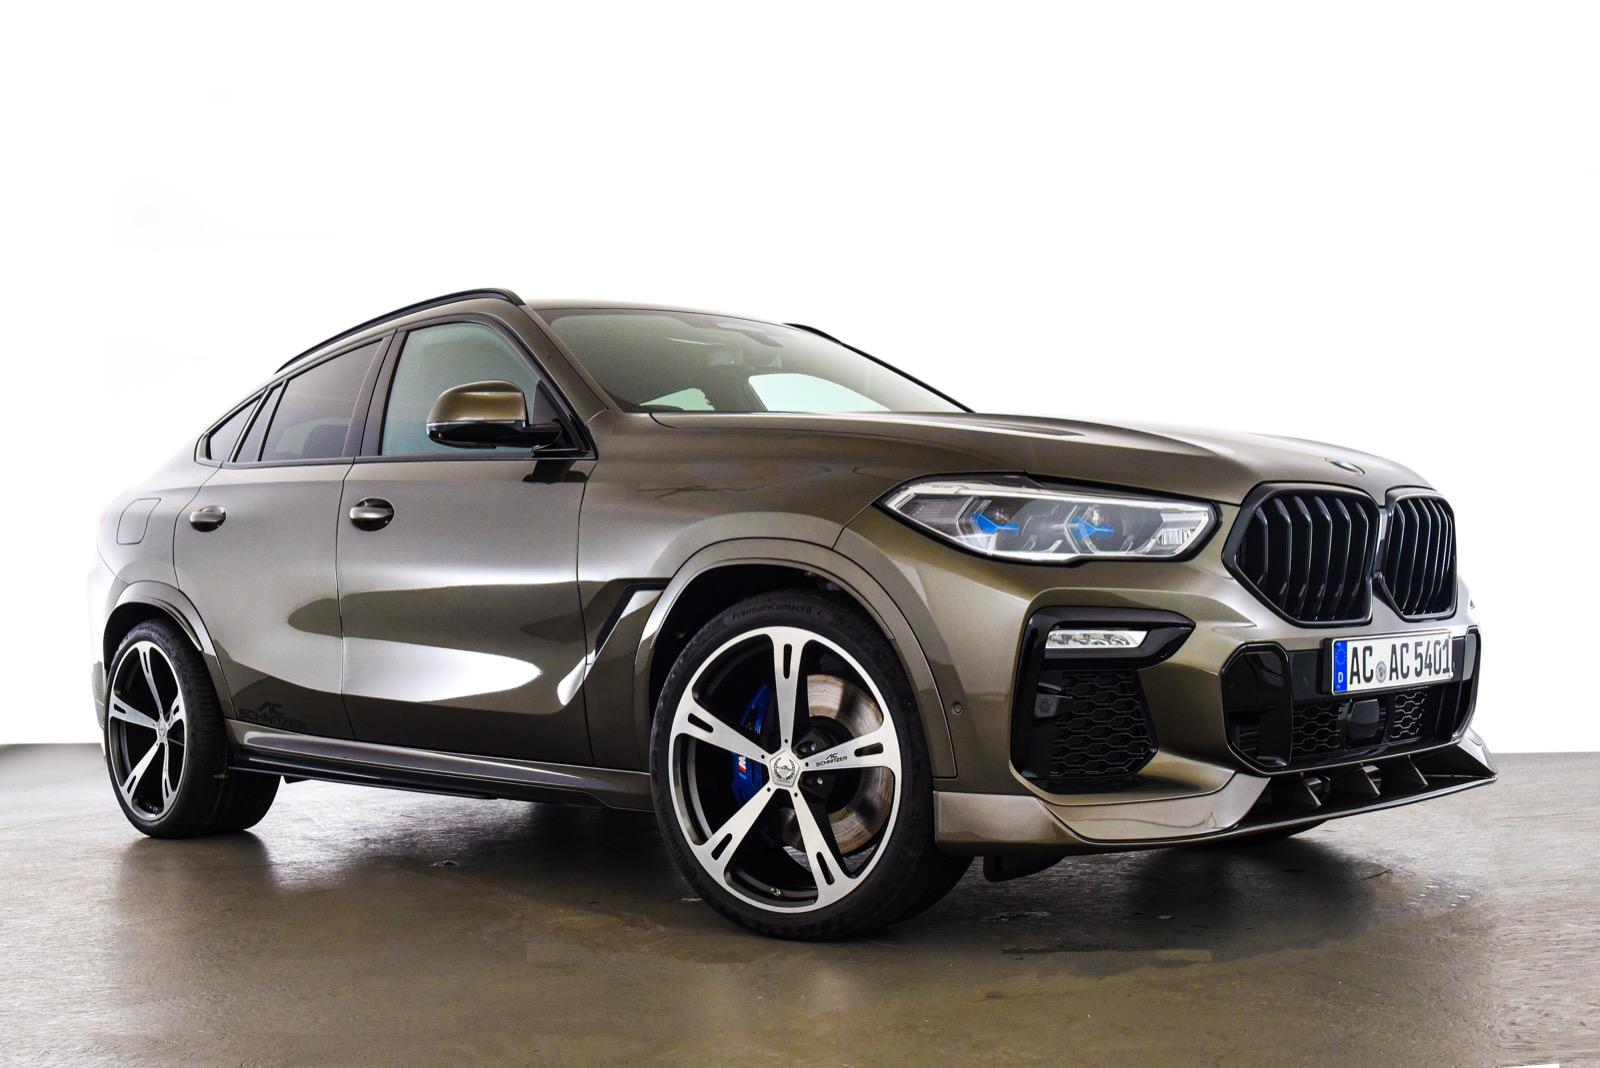 BMW-X6-by-AC-Schnitzer-3